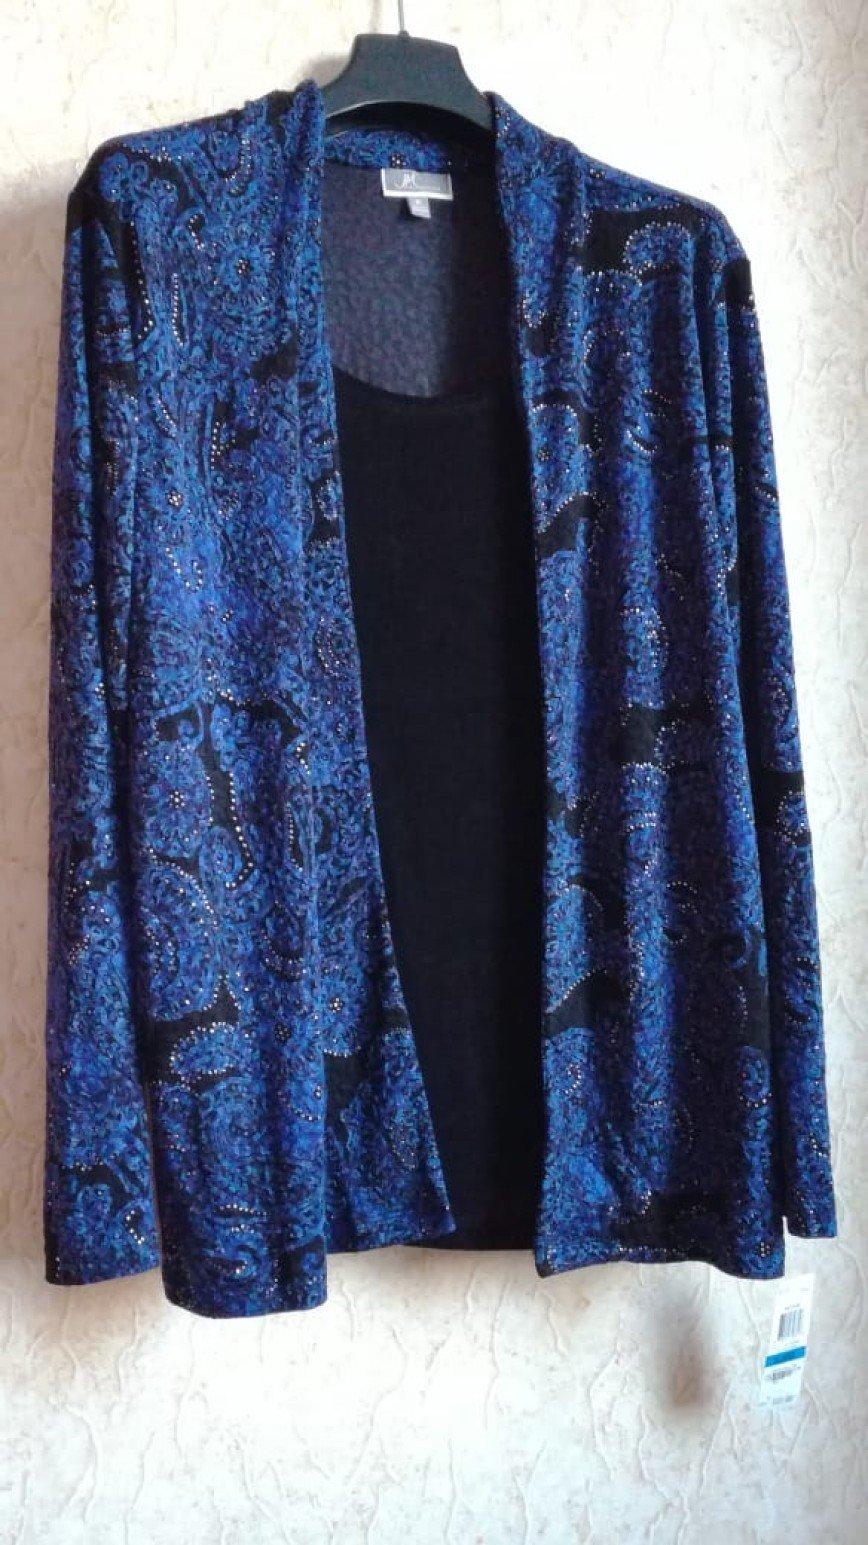 JM Collection. Новая кофта двойка без застежек, XL, т.синего цвета, 50acetate/45polyester/5spandex, длина по спине 72см. Цена 1300 руб.